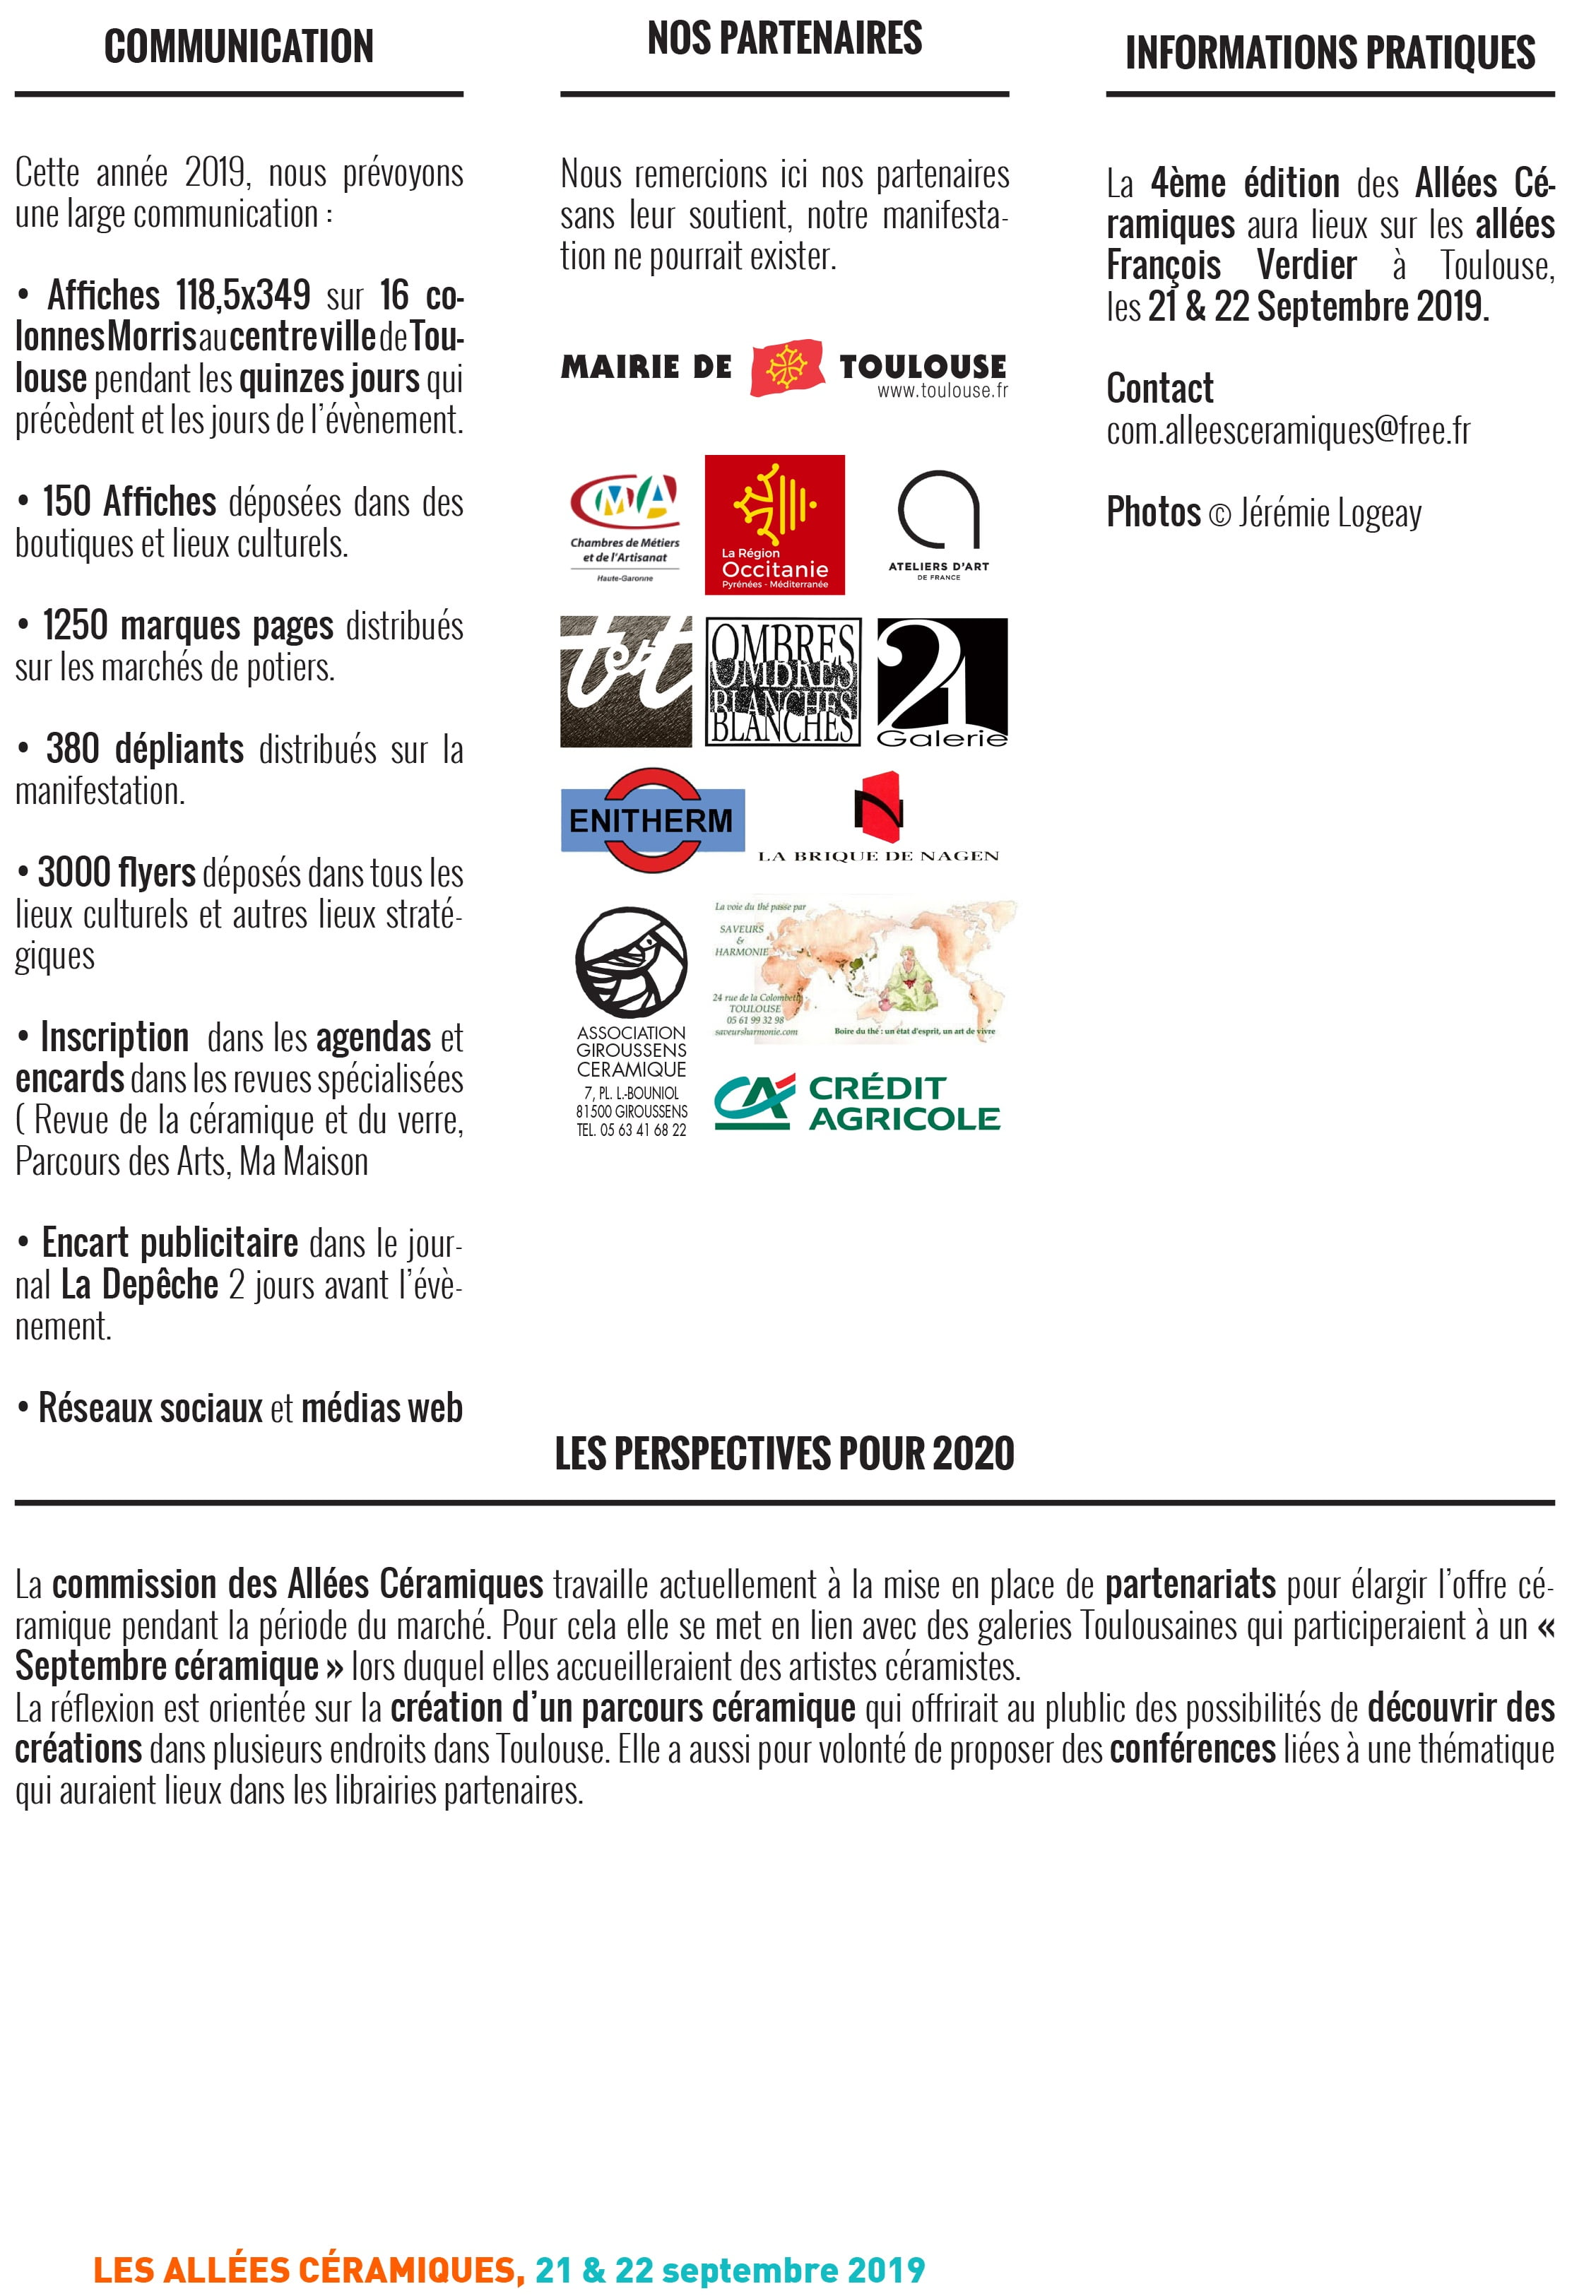 Dossier Presentation Ceramique Toulouse Galerie 21